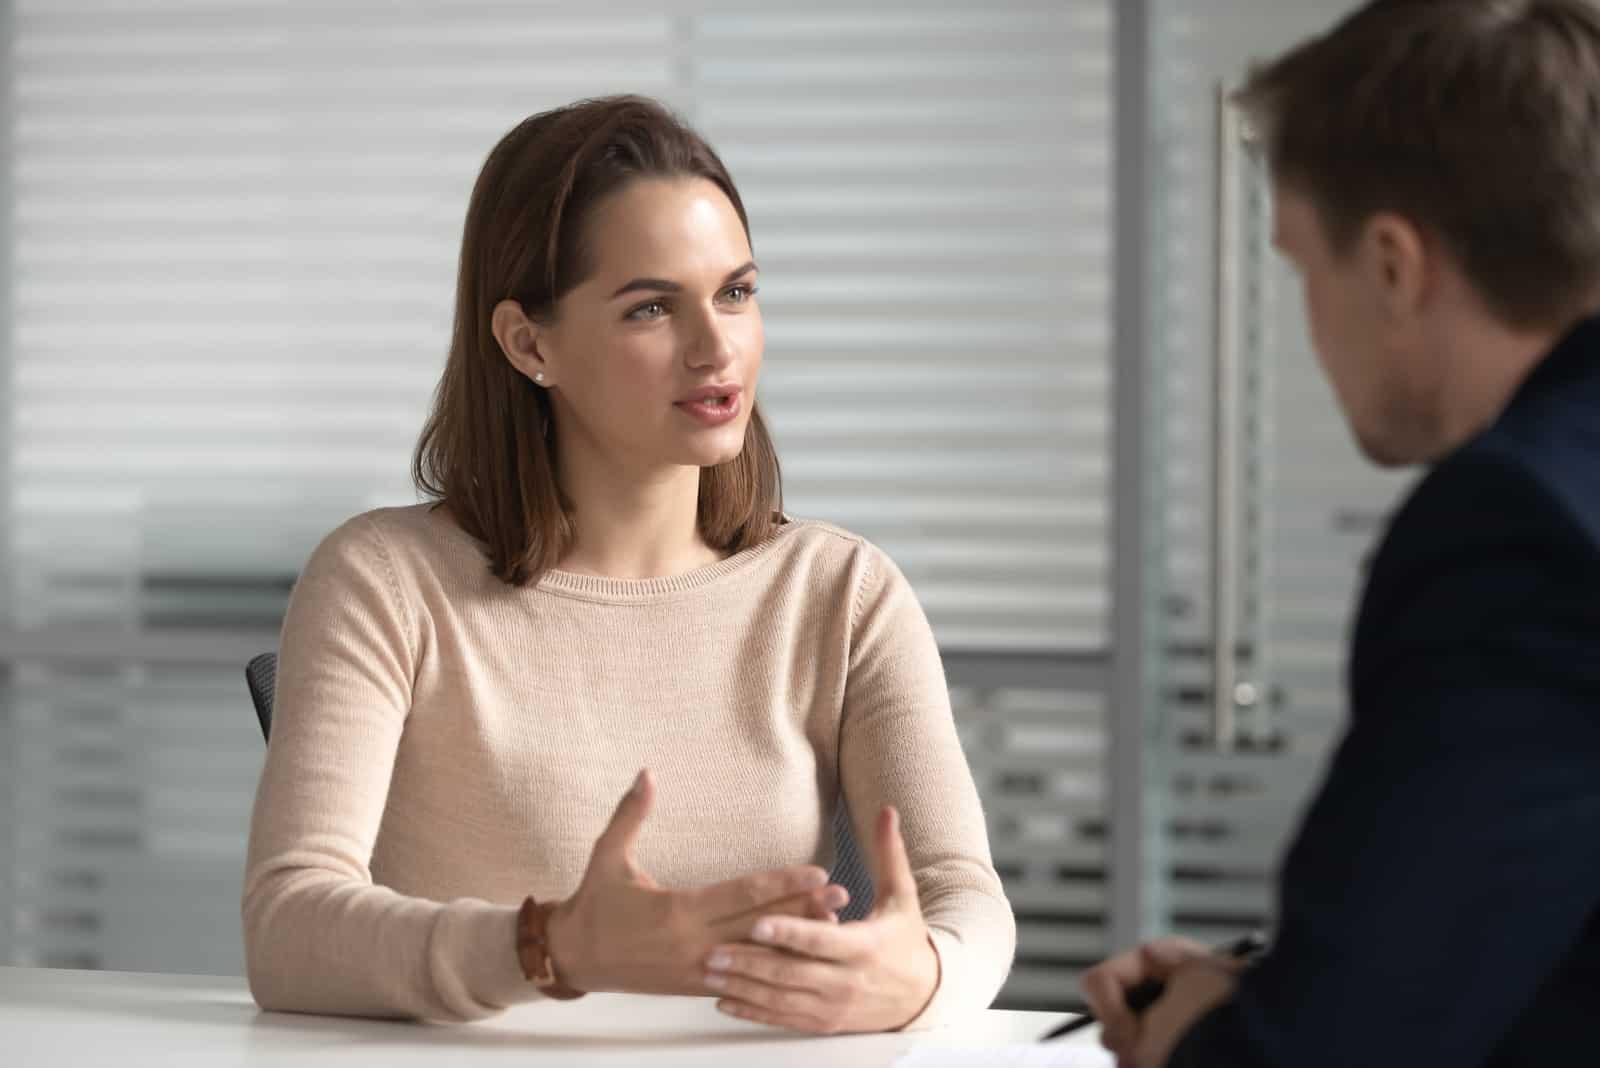 la femme explique quelque chose à l'homme en la regardant